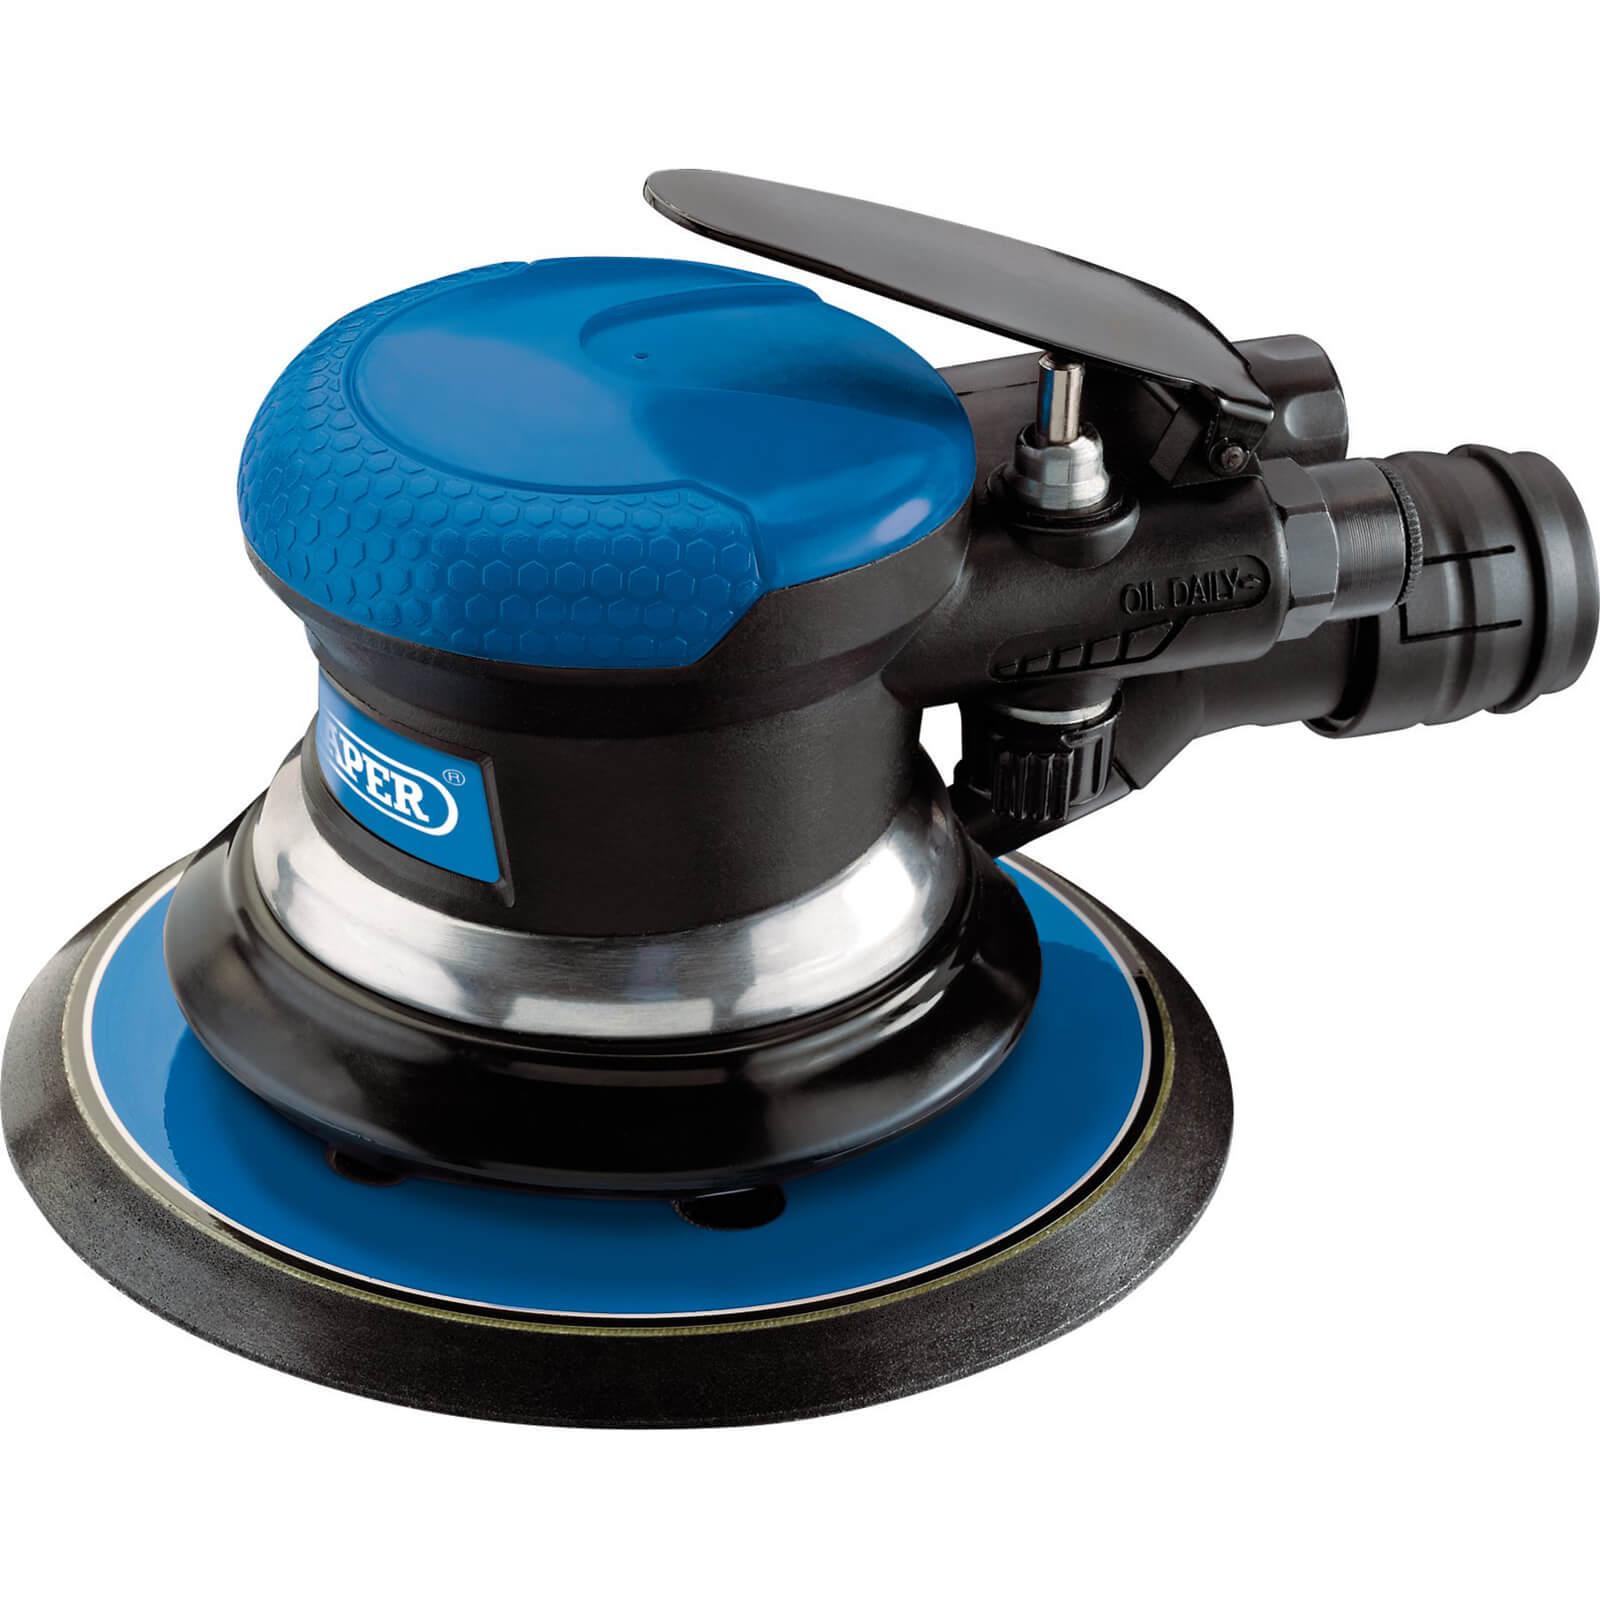 Image of Draper DAT-APS Dual Action Air Sander 150mm Disc